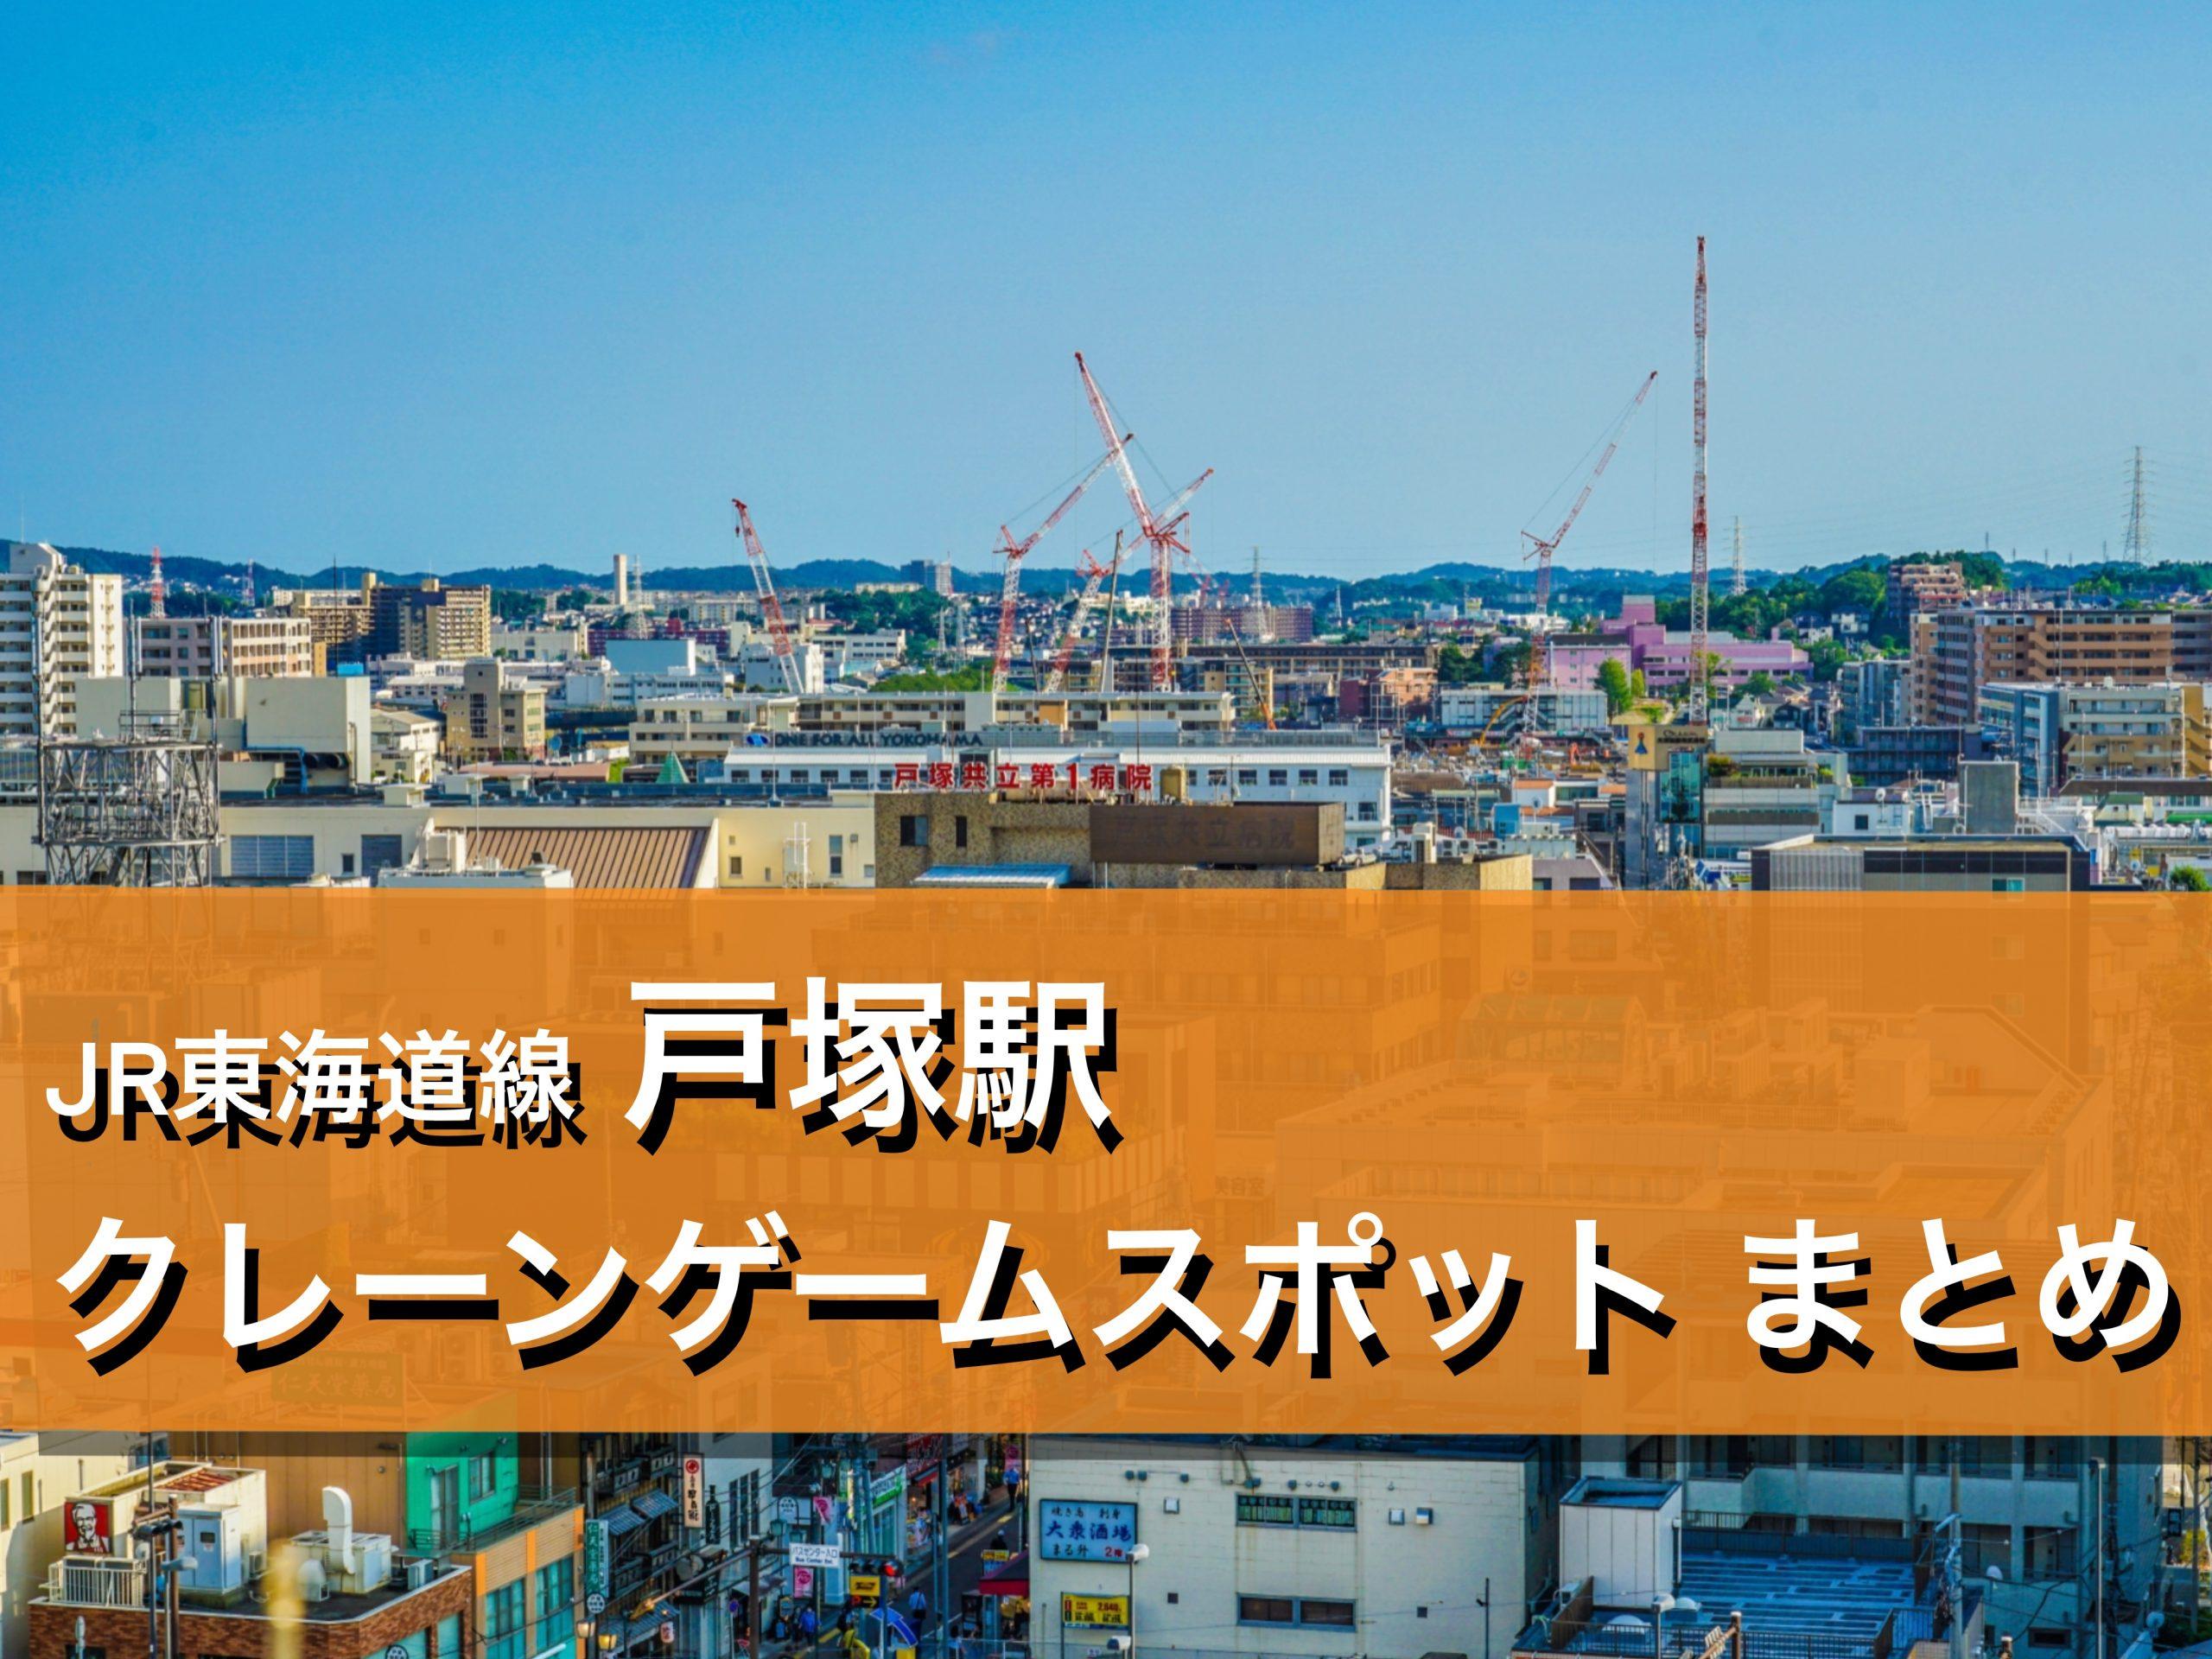 【戸塚駅】クレーンゲームができる場所